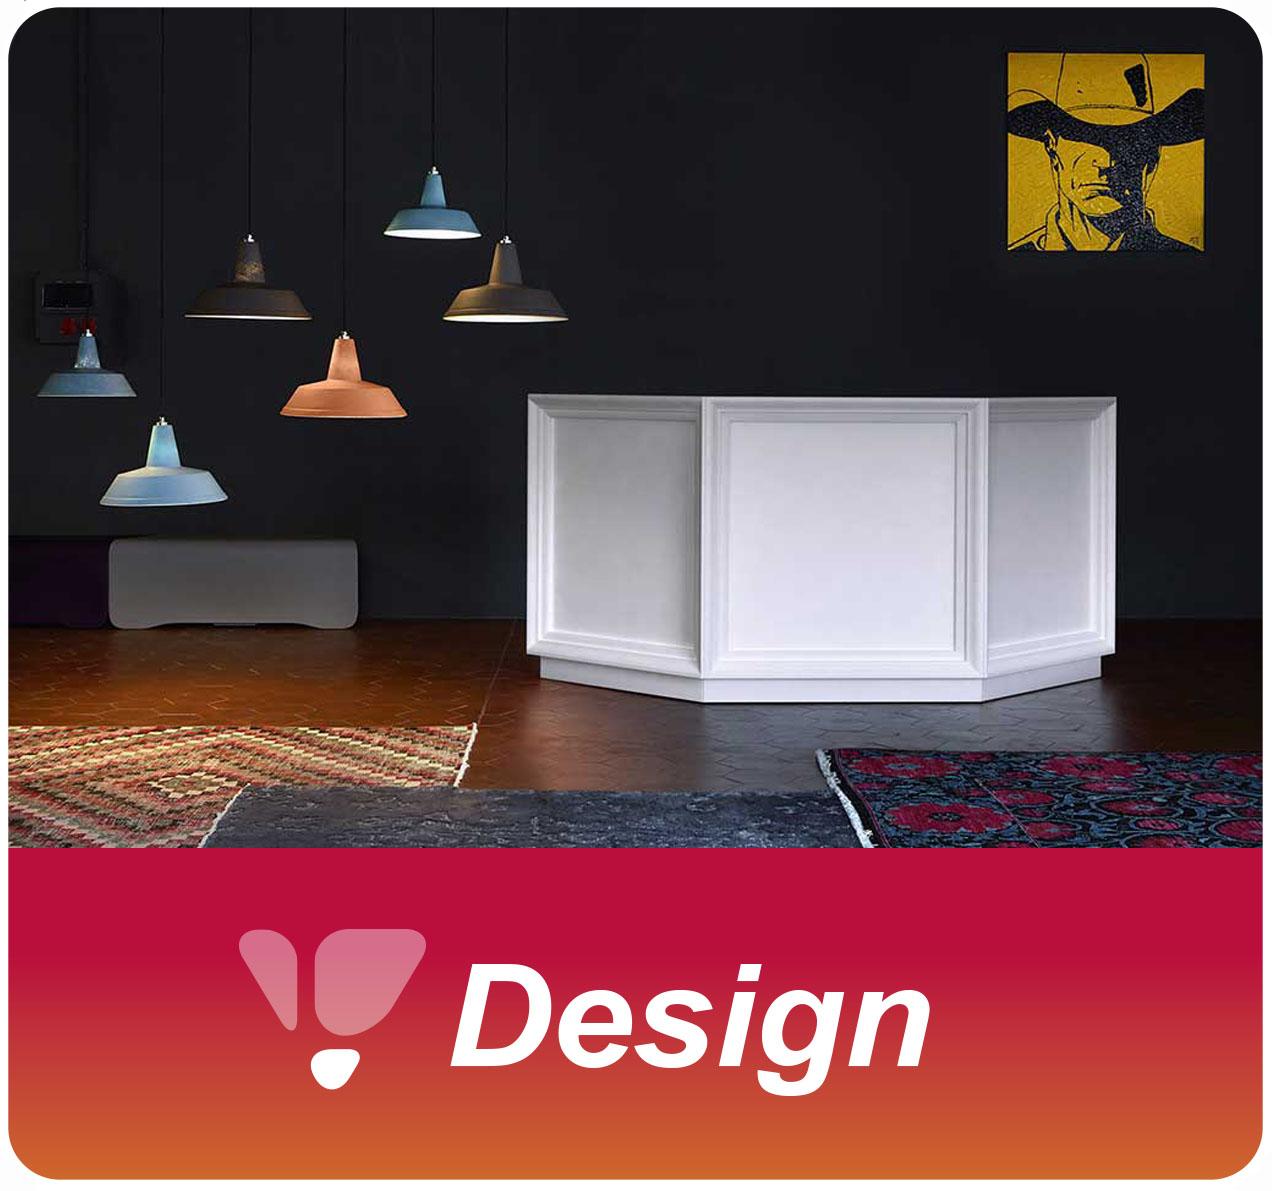 Vente de mobilier design en Suisse